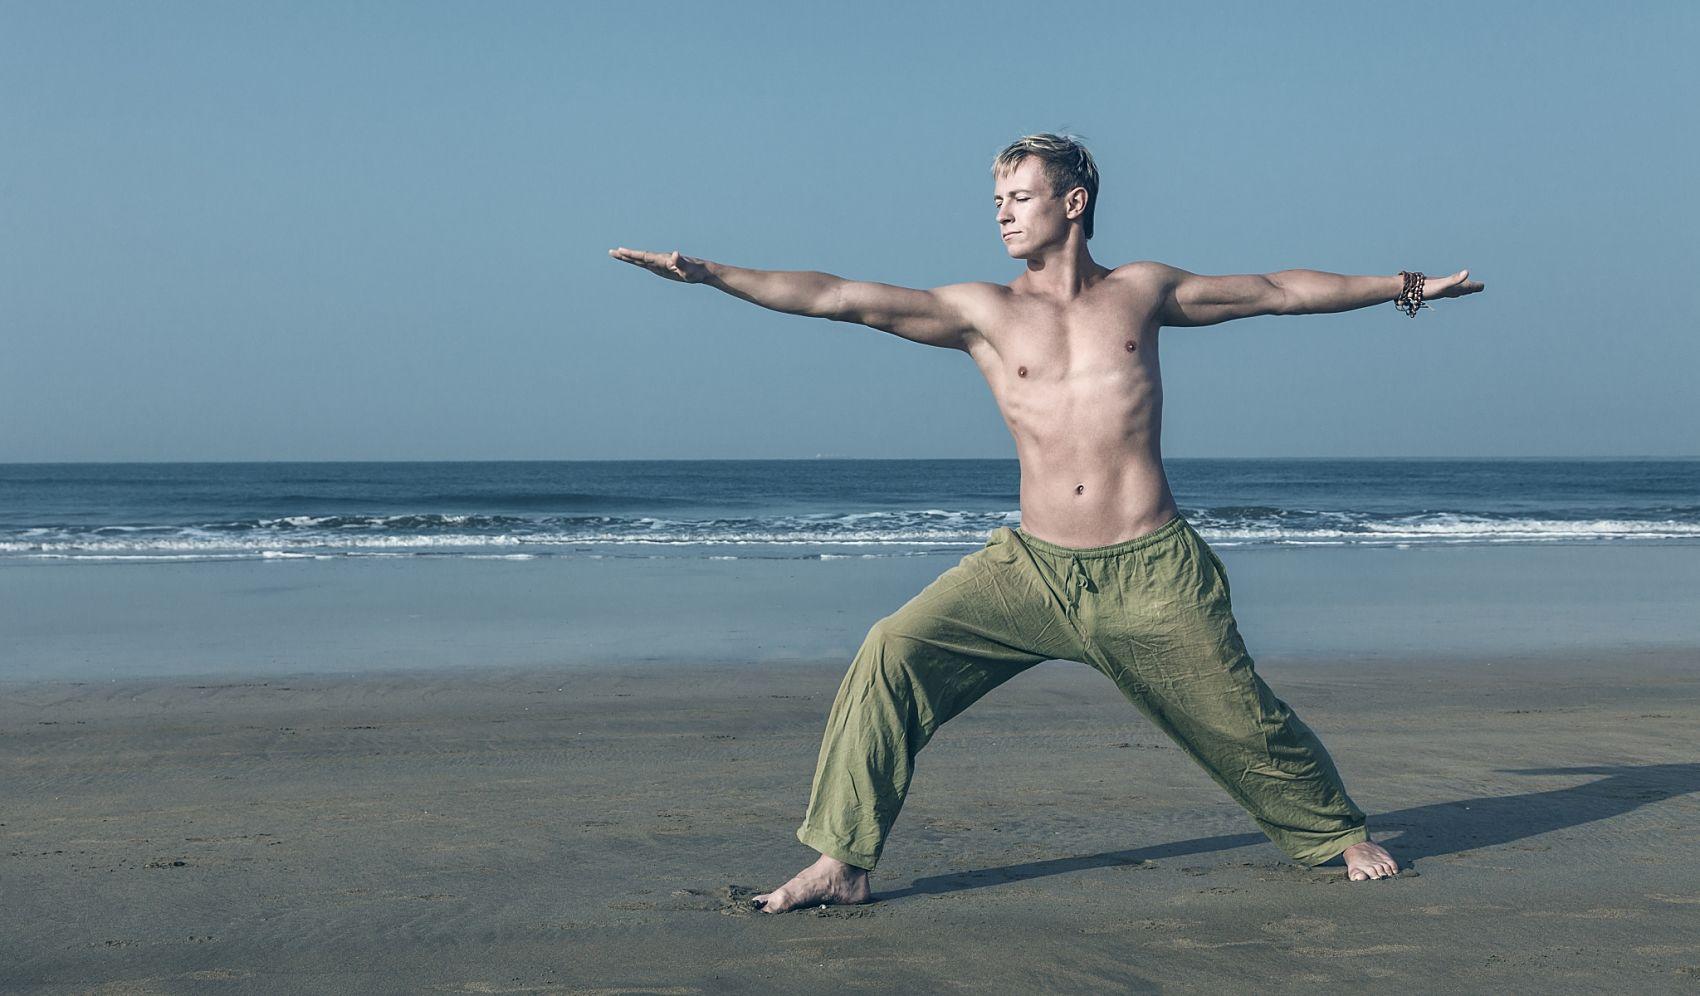 ESTIRA TU CUERPO Ruta de senderismo con sesión de stretching en la playa